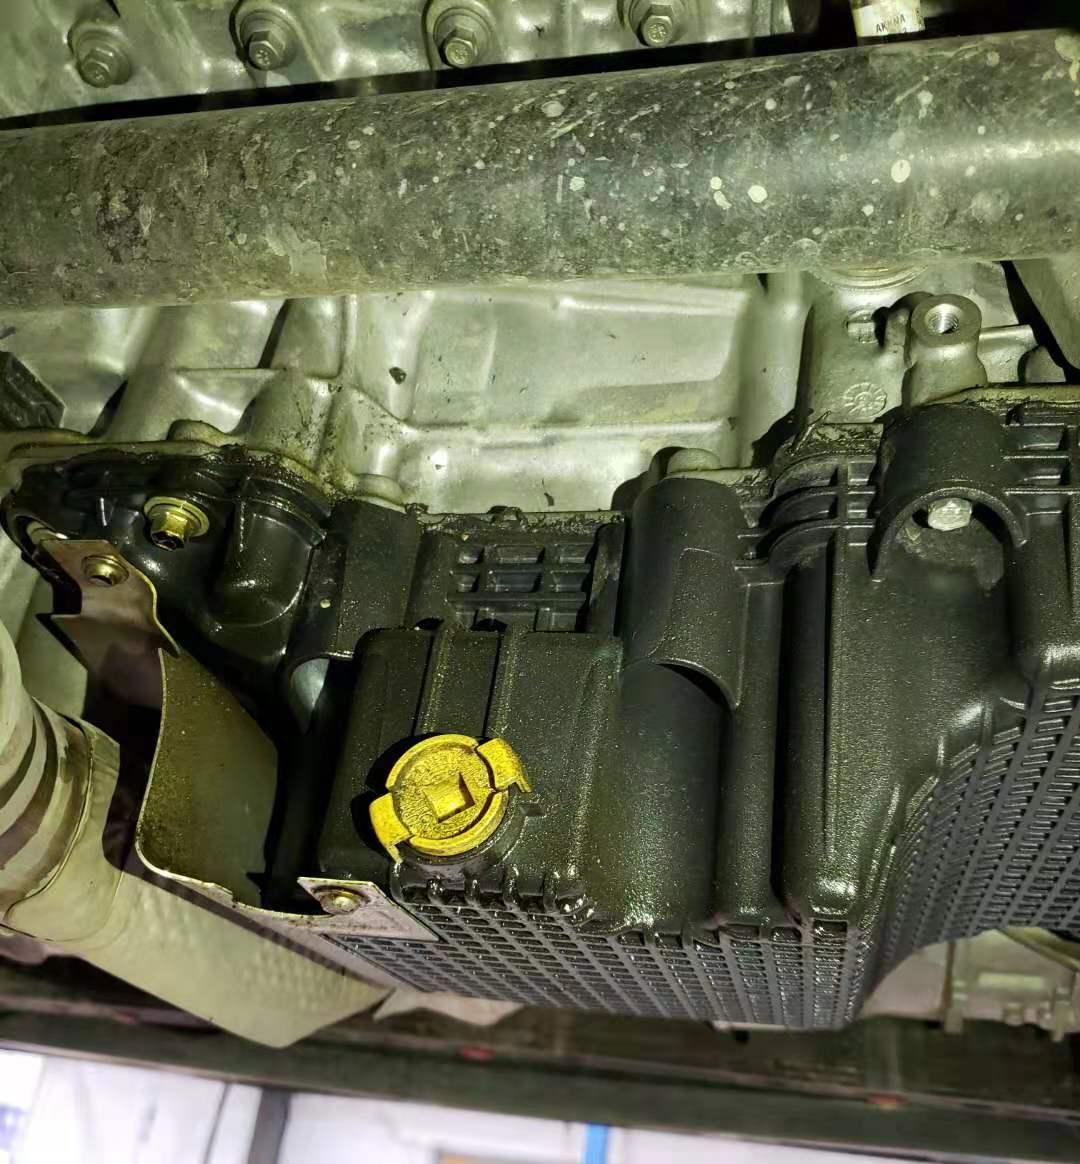 长安福特-金牛座 发动机油底壳渗油,反复维修问题无法彻底解决!